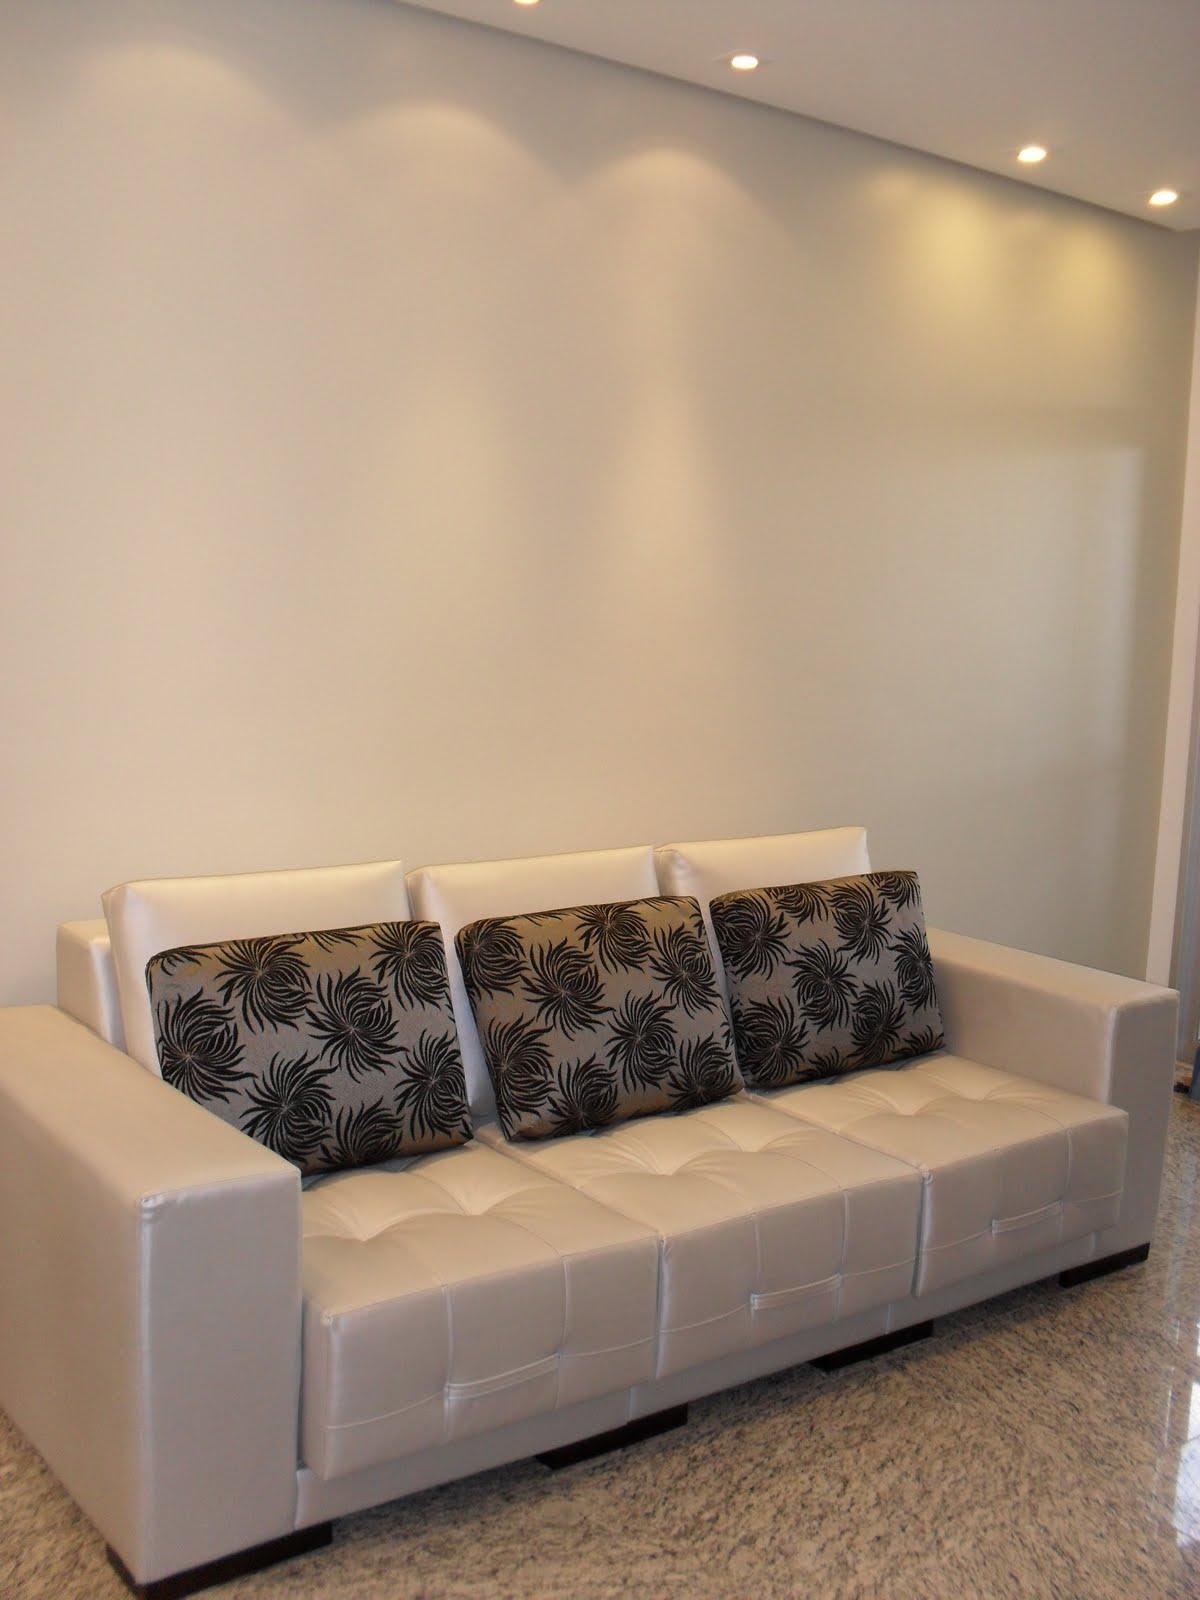 pintada provencal xpx gt lembrancinhas em mdf mini penteadeira mdf #886843 1200x1600